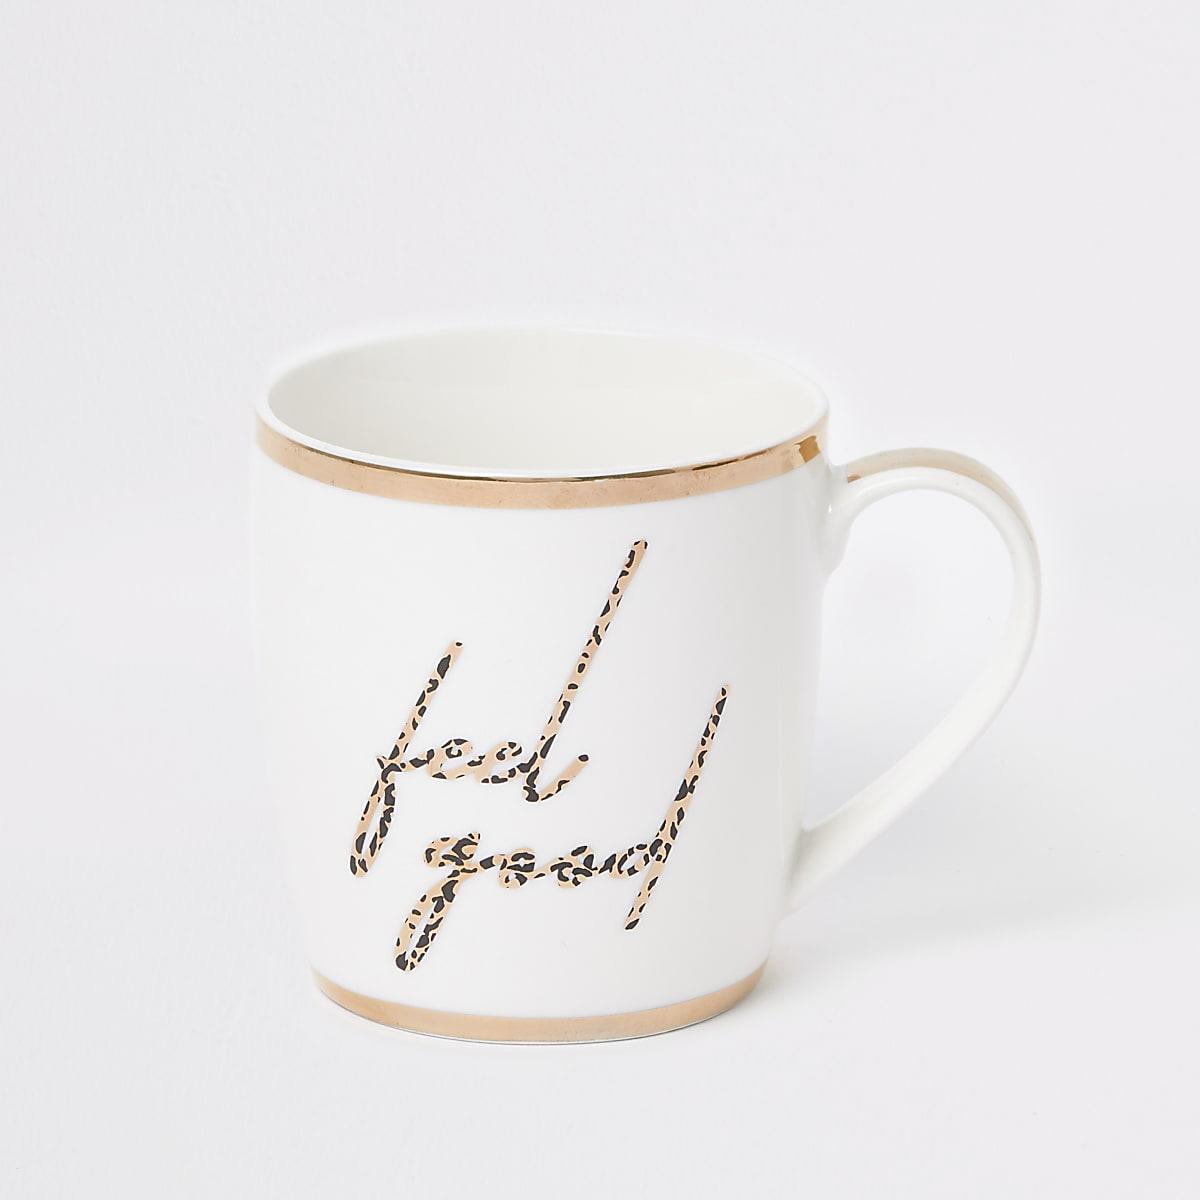 White 'Feel good' leopard print china mug